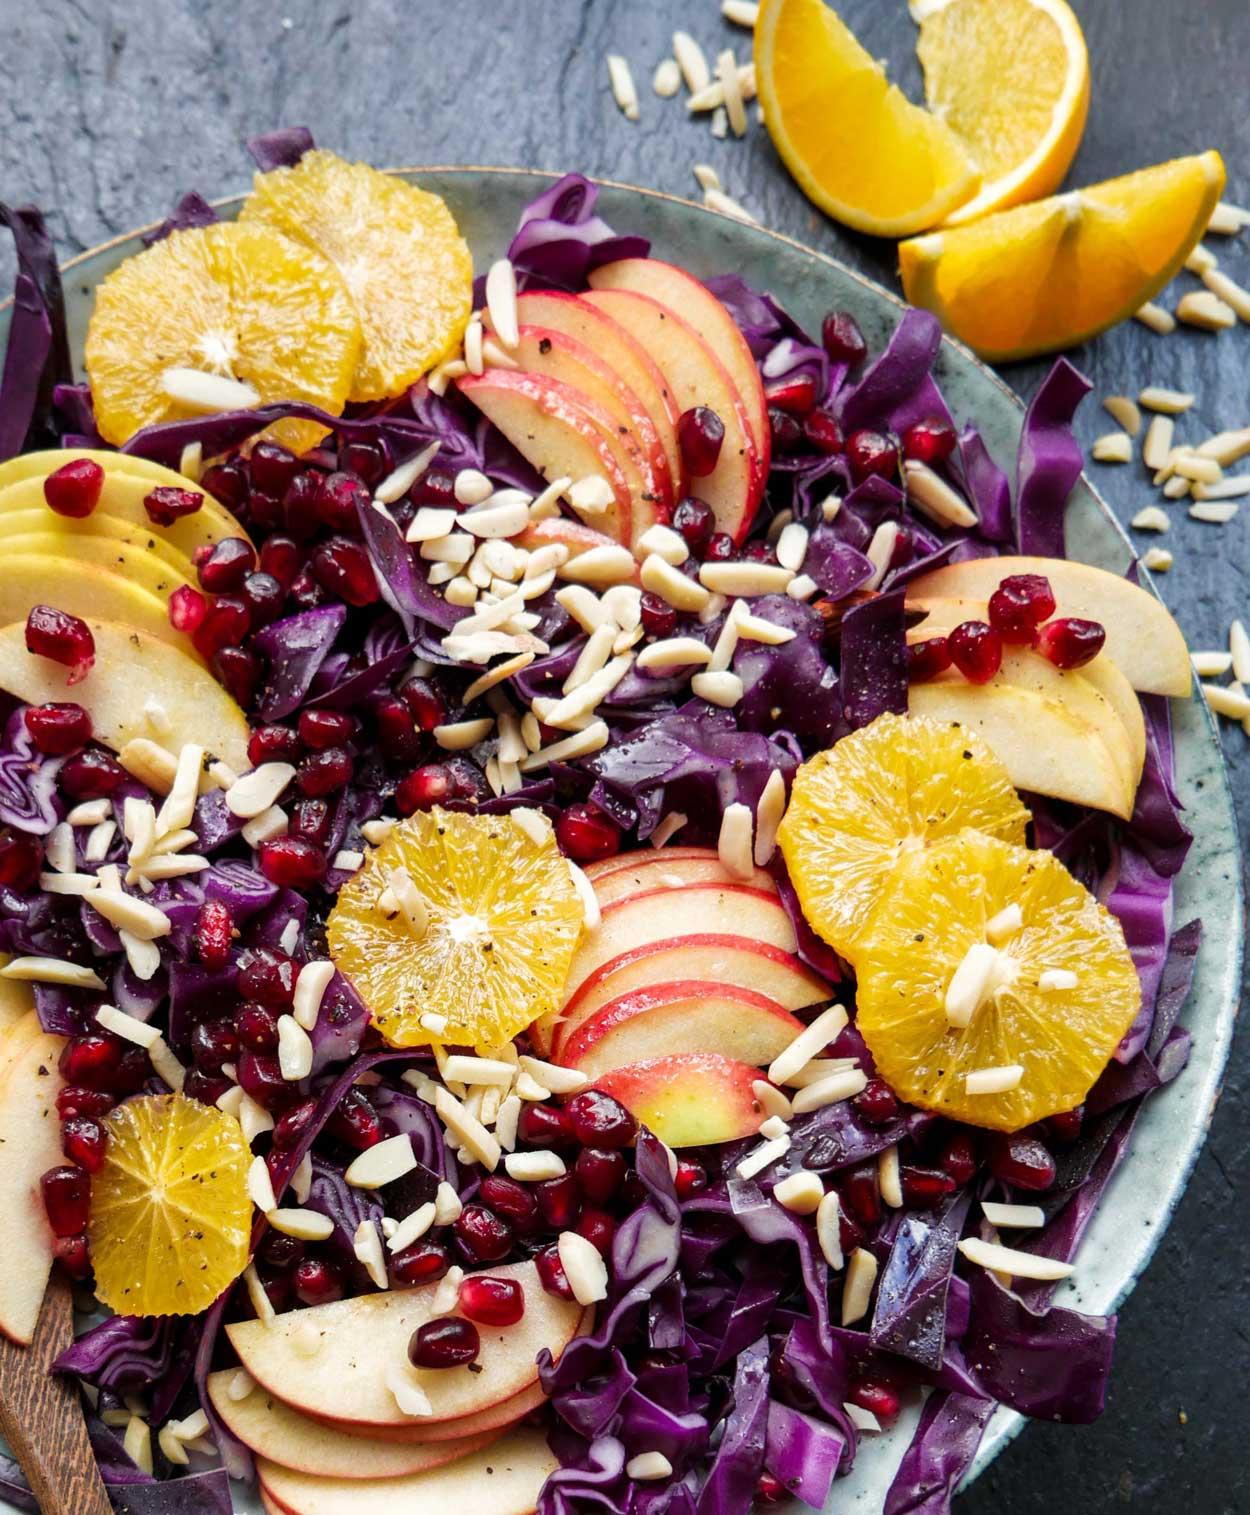 salat med rødkål, æble og appelsiner